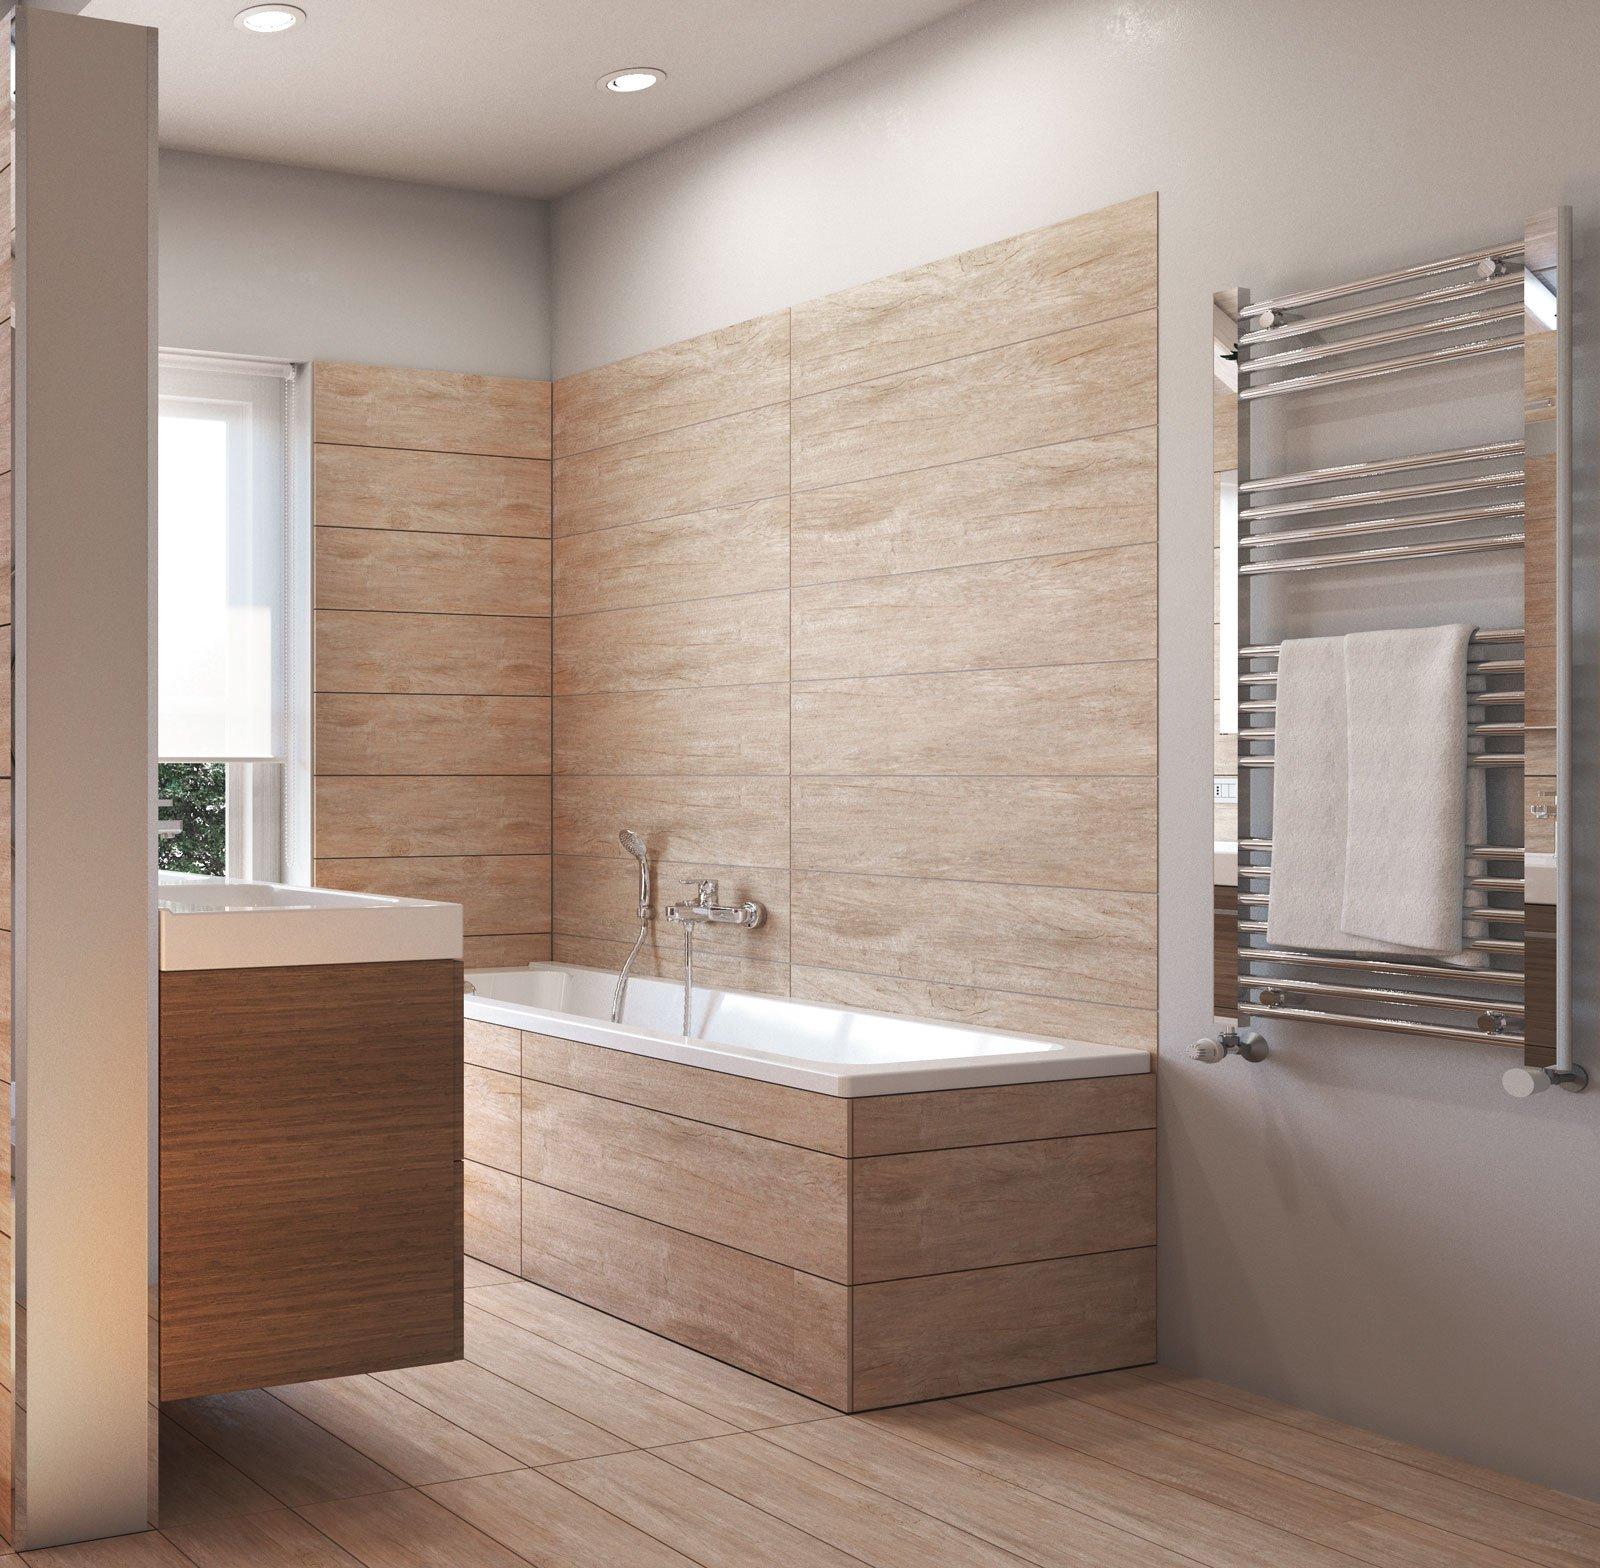 Da vasca a doccia un bagno nuovo su misura cose di casa - Ikea finanziamento cucina ...